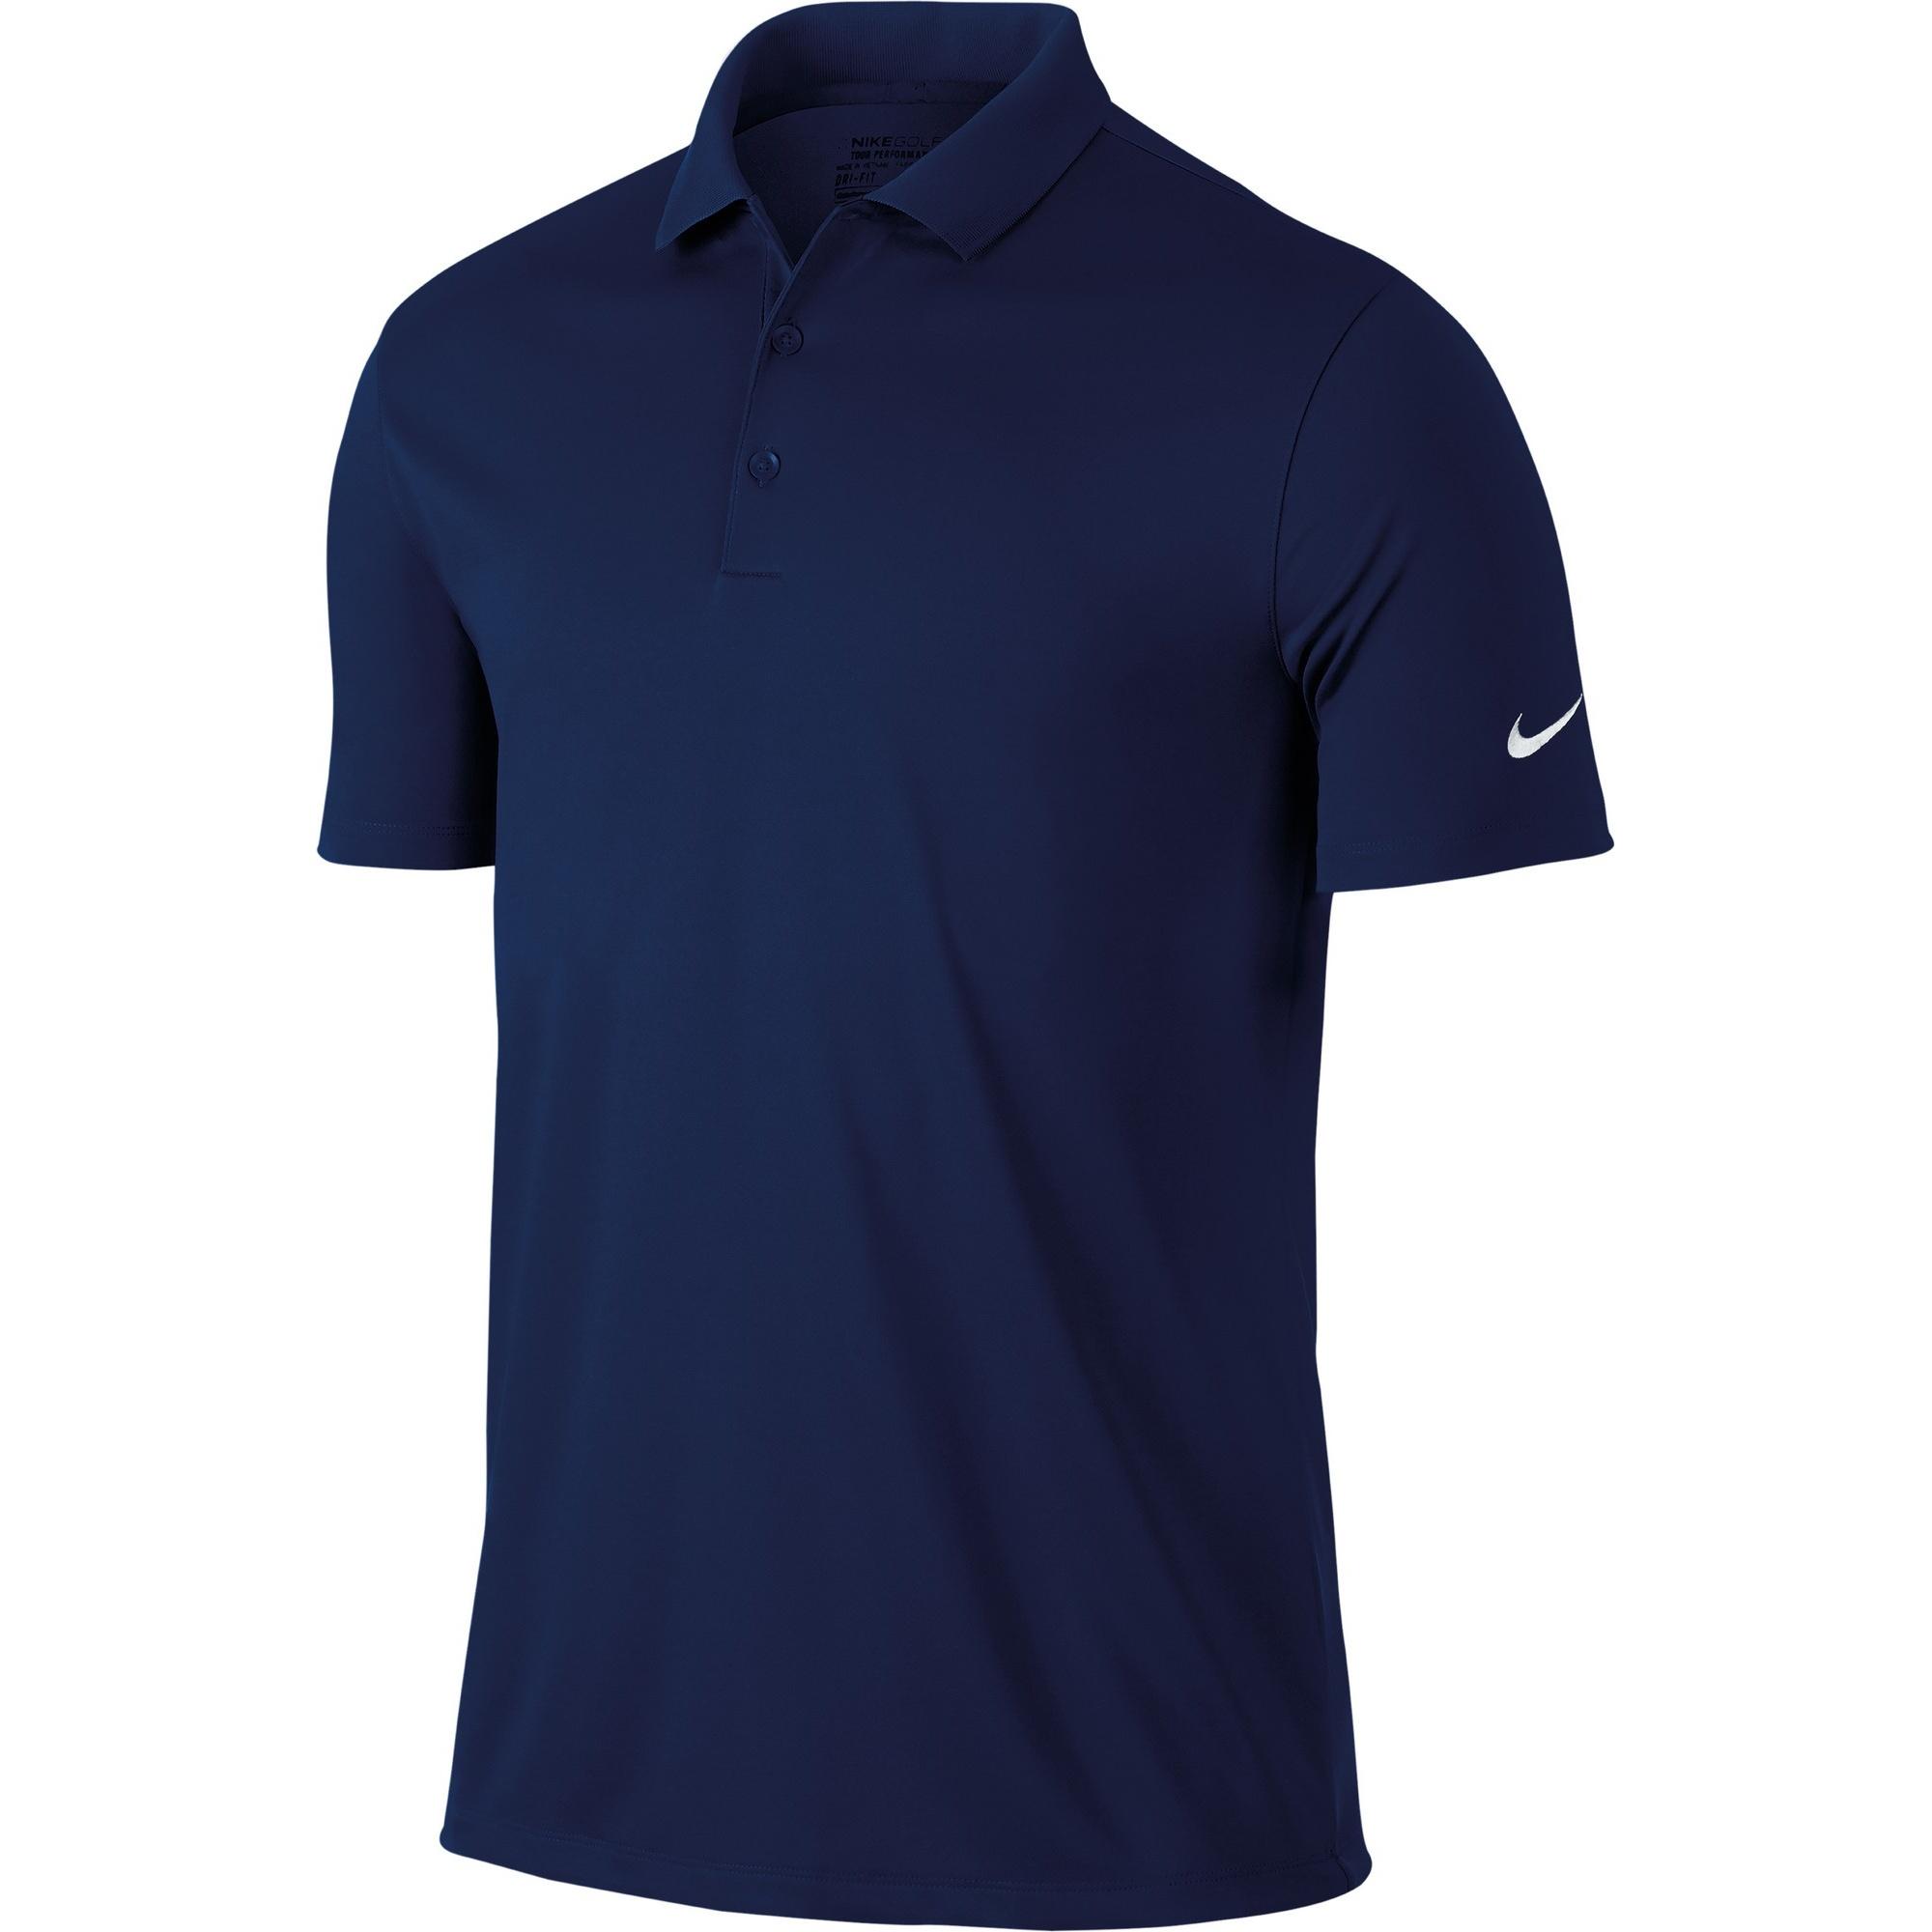 Dettagli su Nike Victory Polo Tinta Unita manica Corta Uomo (RW3930)